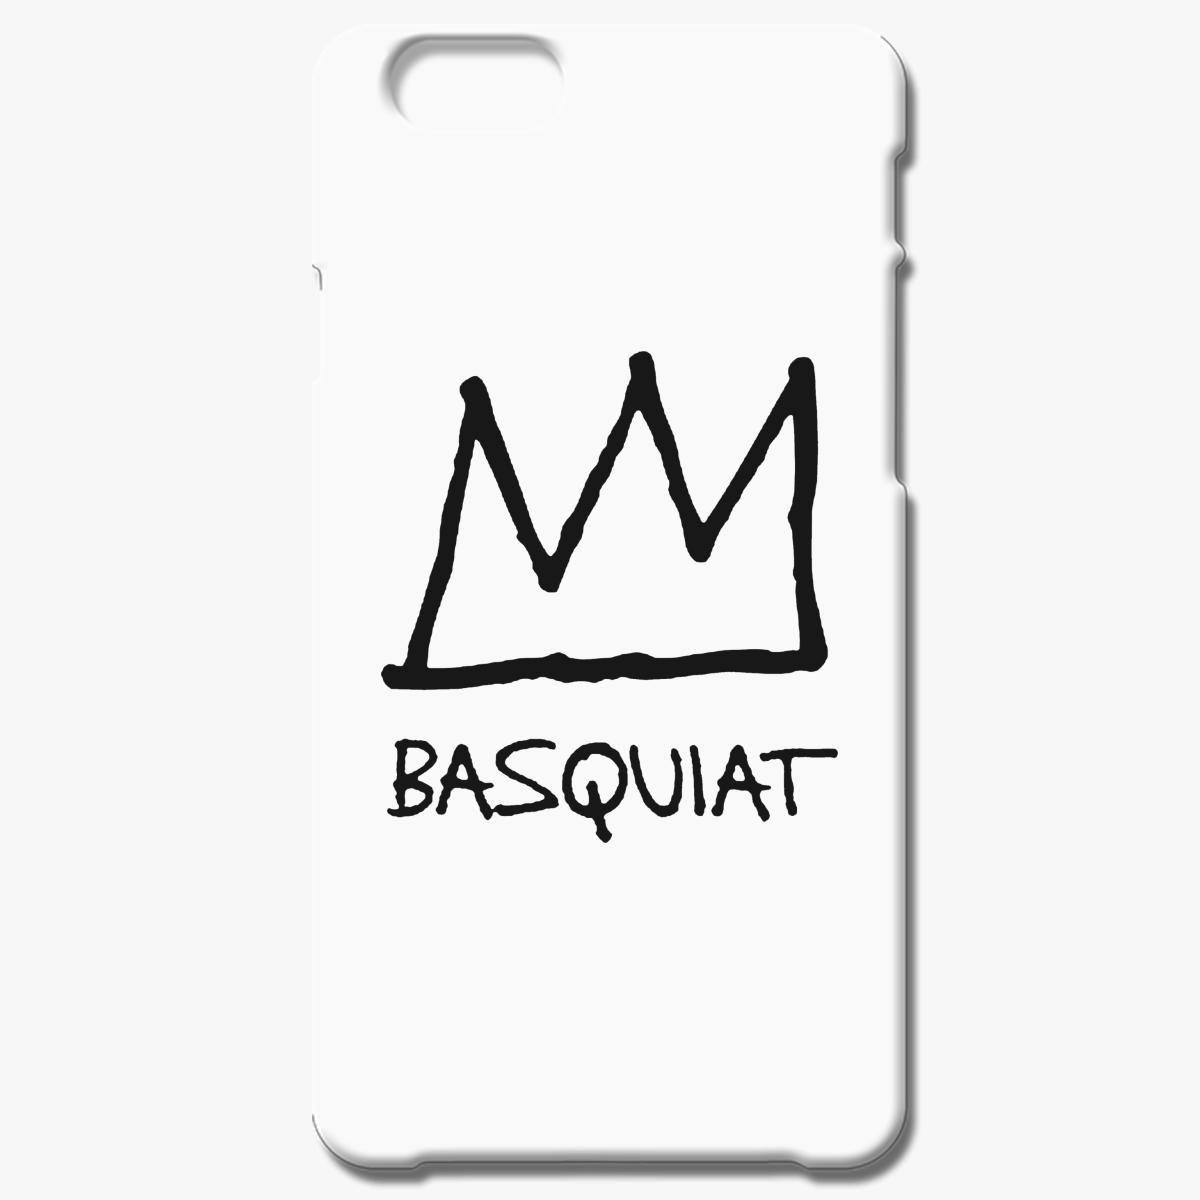 Basquiat Iphone 6 6s Case